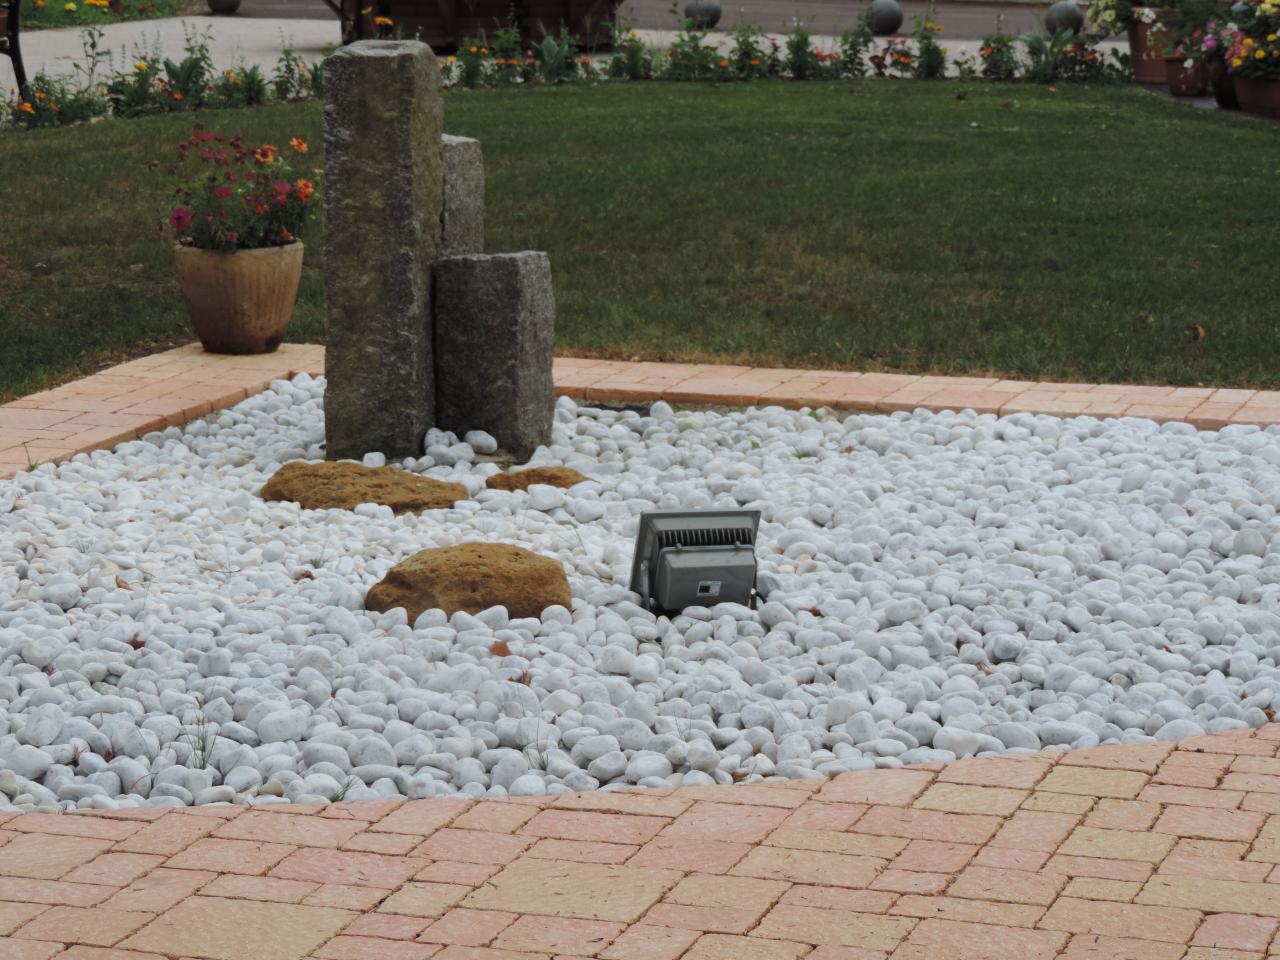 Thomas paysagiste auxerre cr e des bassins pour vos jardins for Amenagement jardin agrement